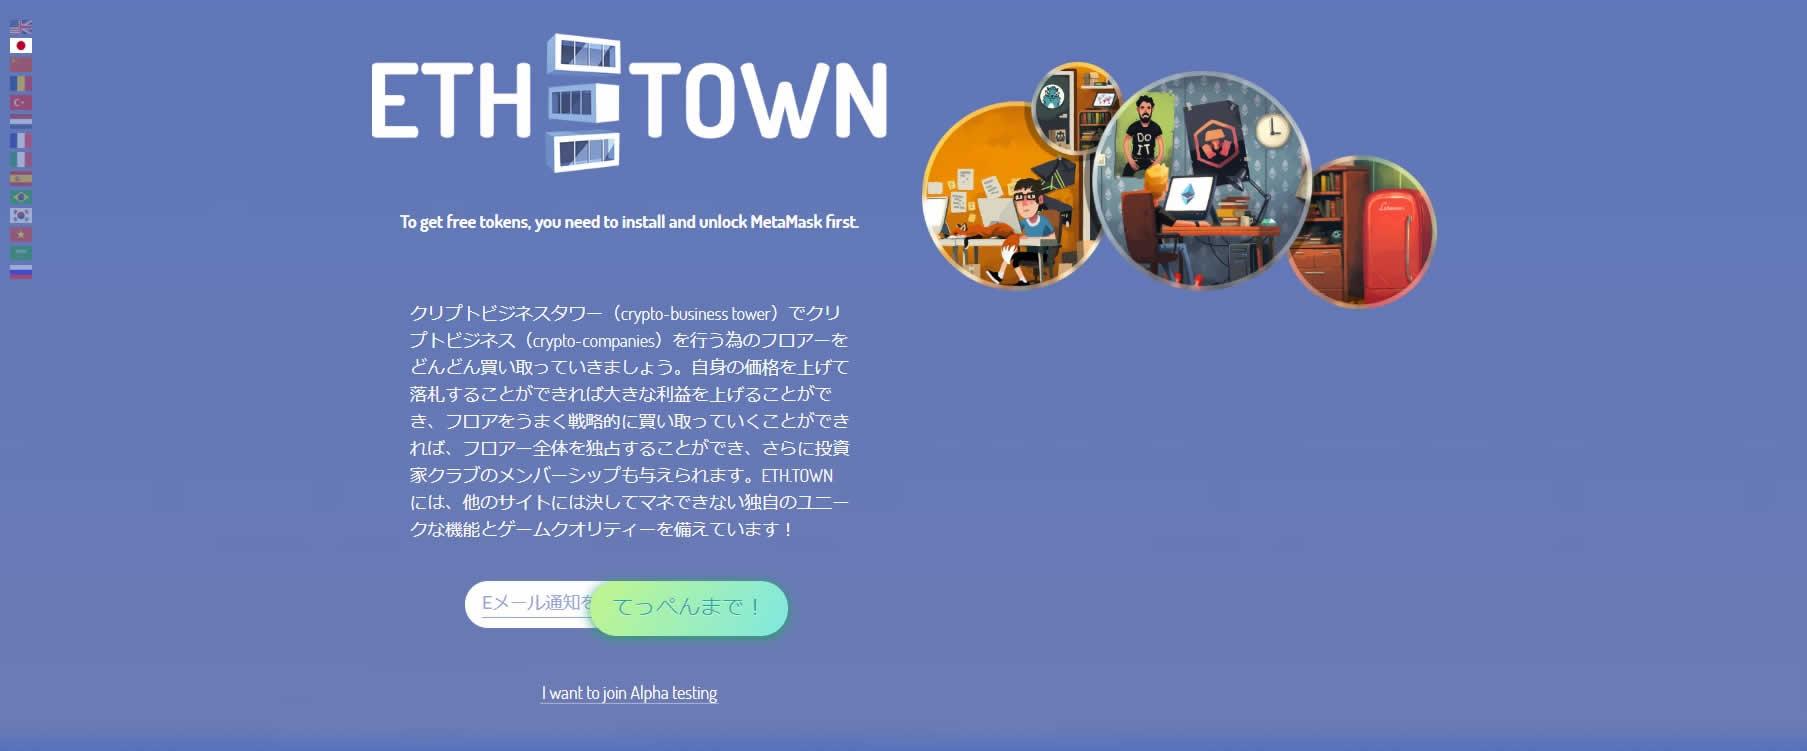 ブロックチェーンで不動産王を目指す!?DApps「ETH.TOWN(イーサタウン)」の特徴と遊び方は?